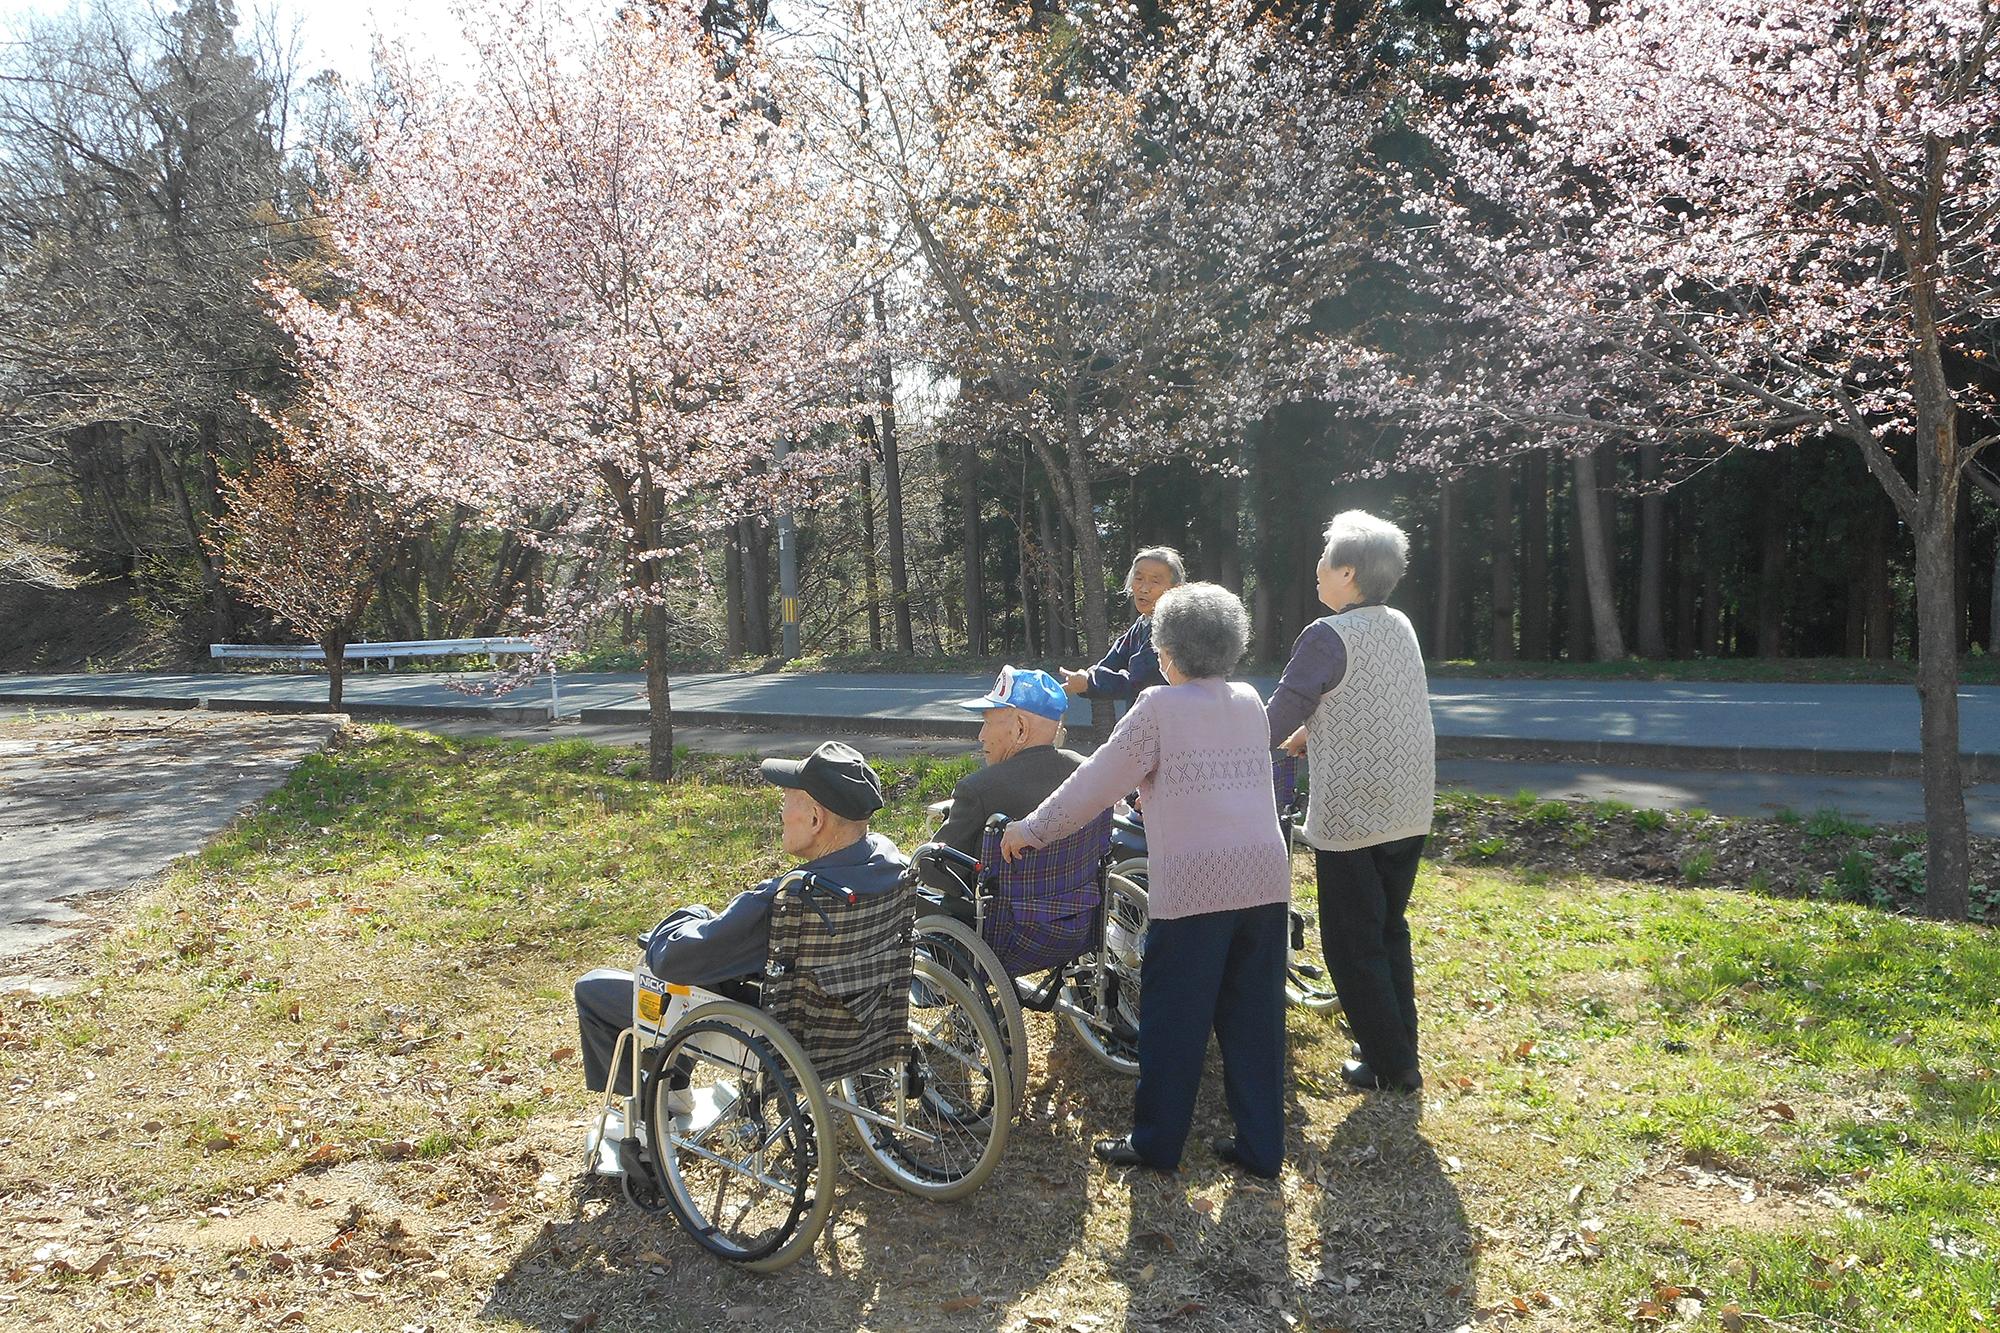 高齢者生活福祉センターかたくりの園 春のお花見